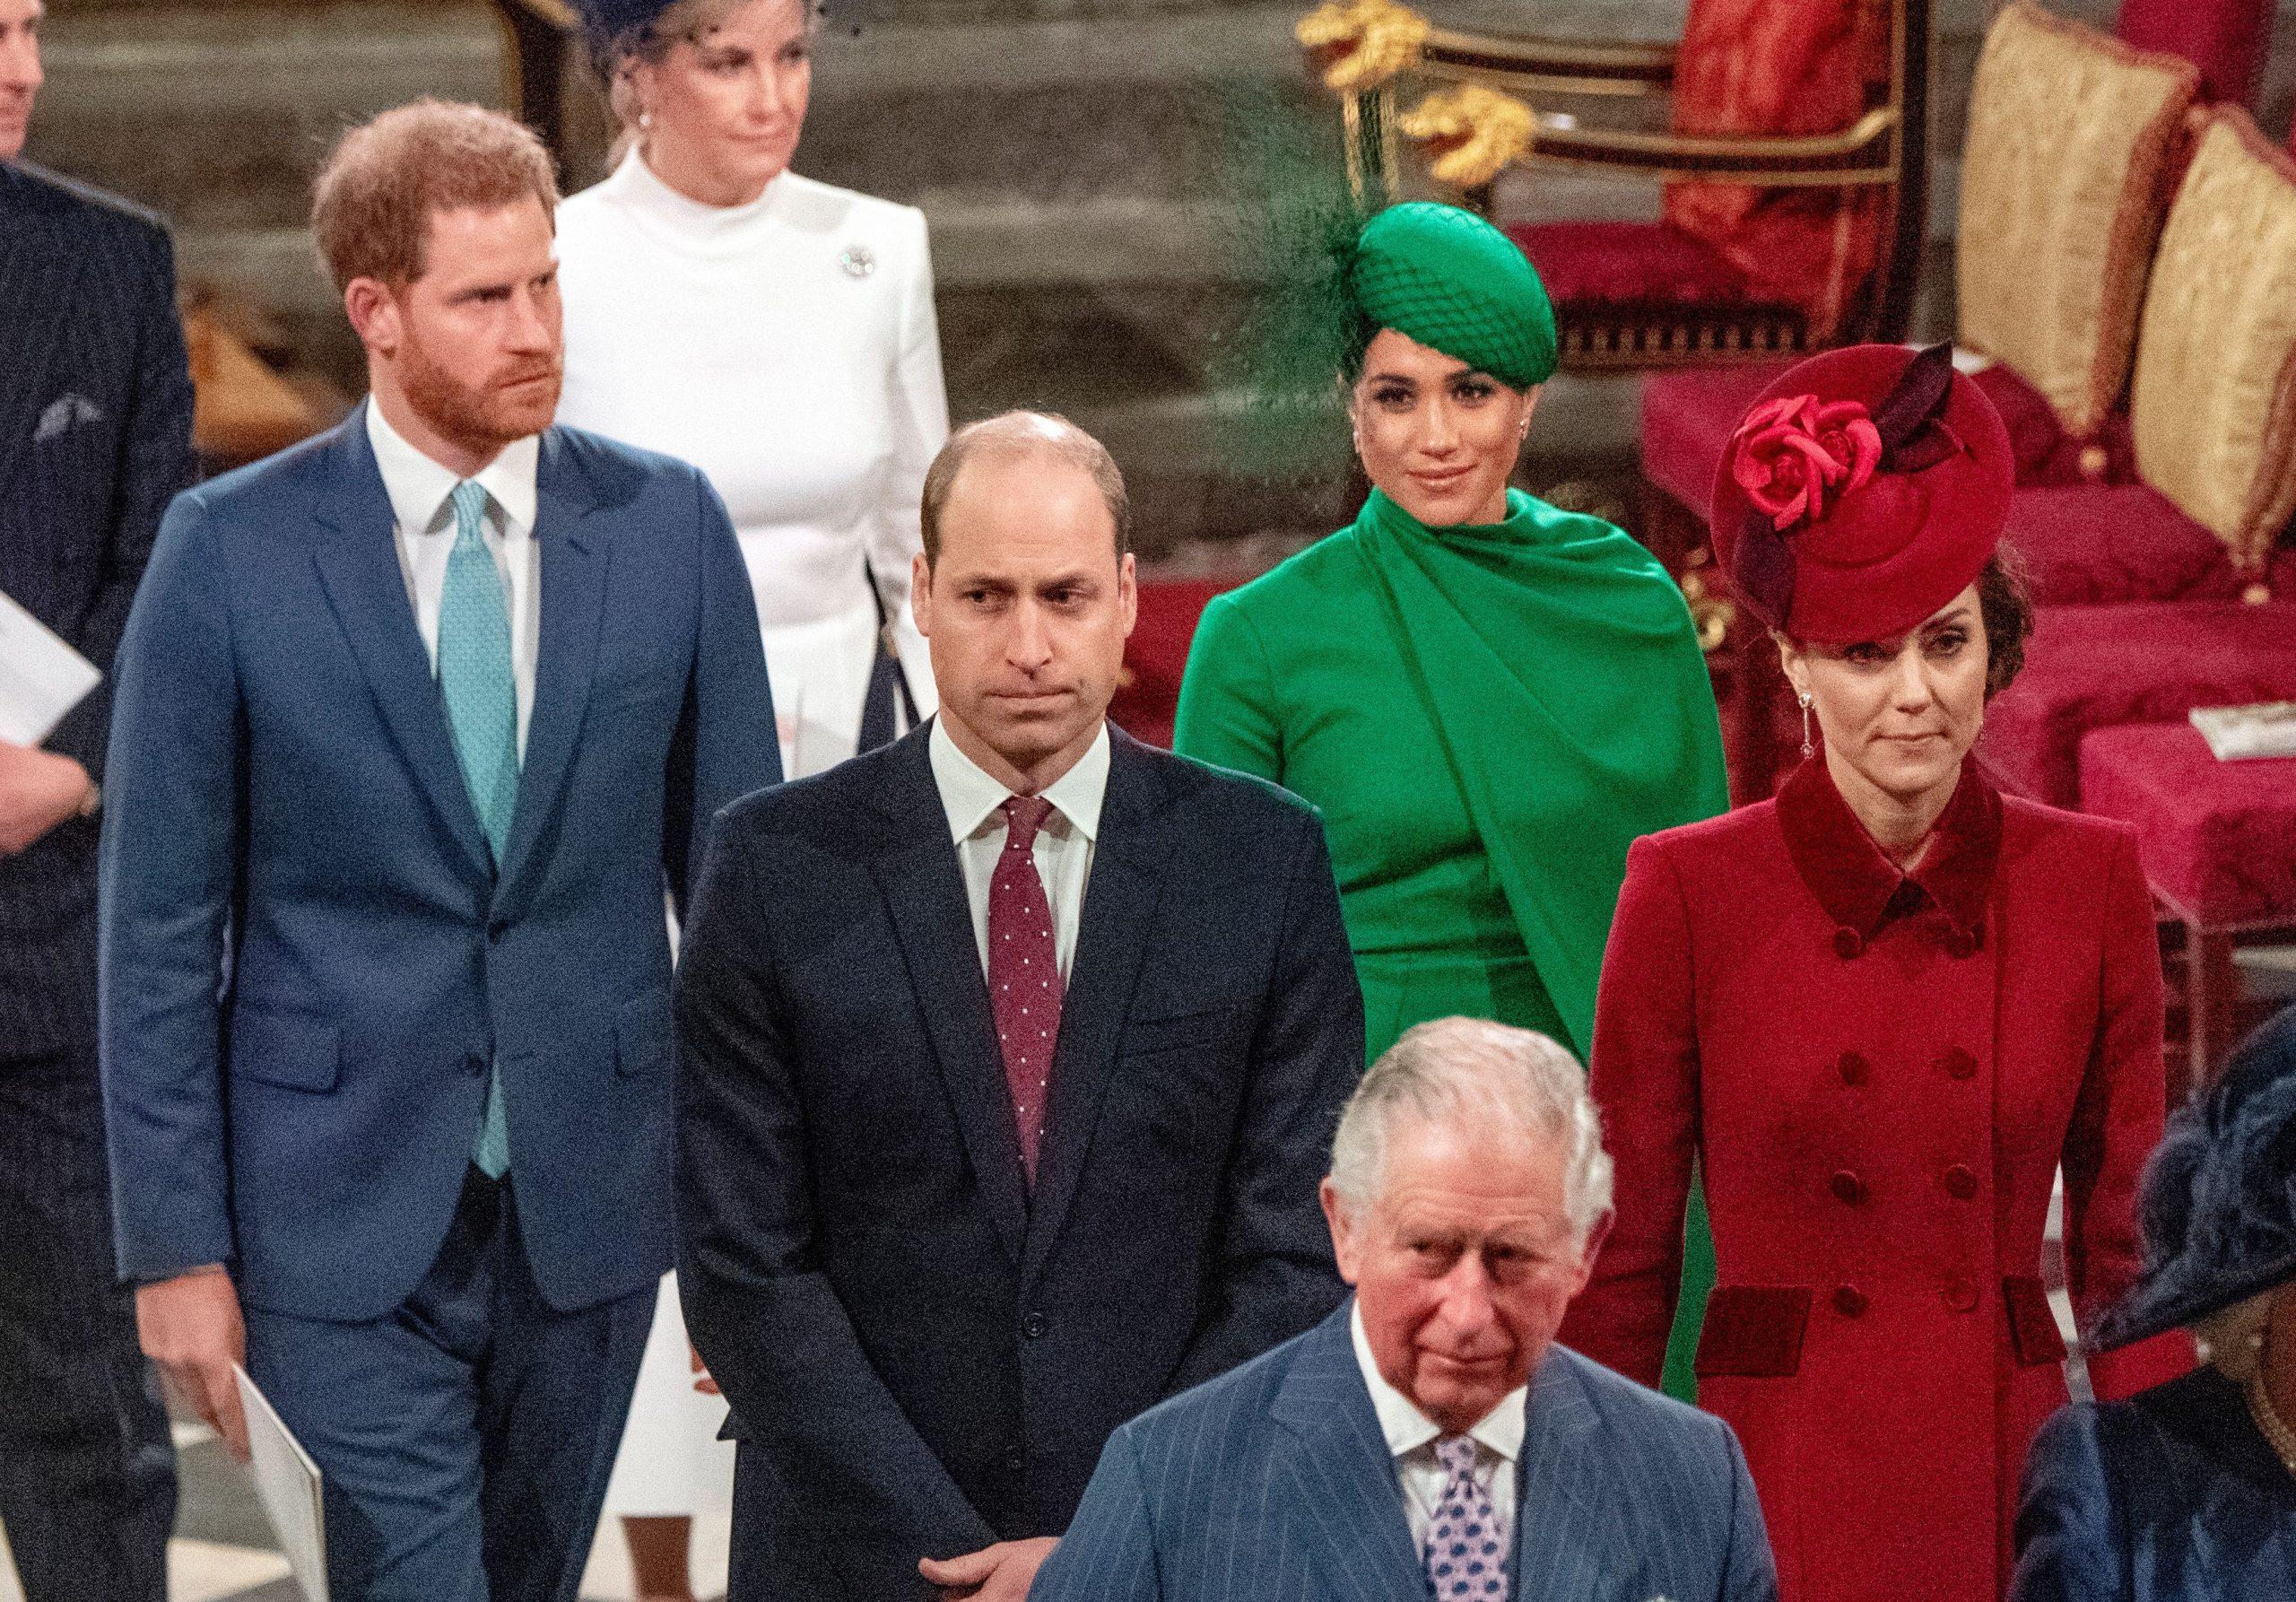 Le prince Harry, duc de Sussex (à gauche) et Meghan, duchesse de Sussex (2e à droite), suivent le prince William, duc de Cambridge (à droite) et Catherine, duchesse de Cambridge (à gauche), alors qu'ils quittent l'abbaye de Westminster après avoir assisté au service annuel du Commonwealth à Londres, le 9 mars 2020.